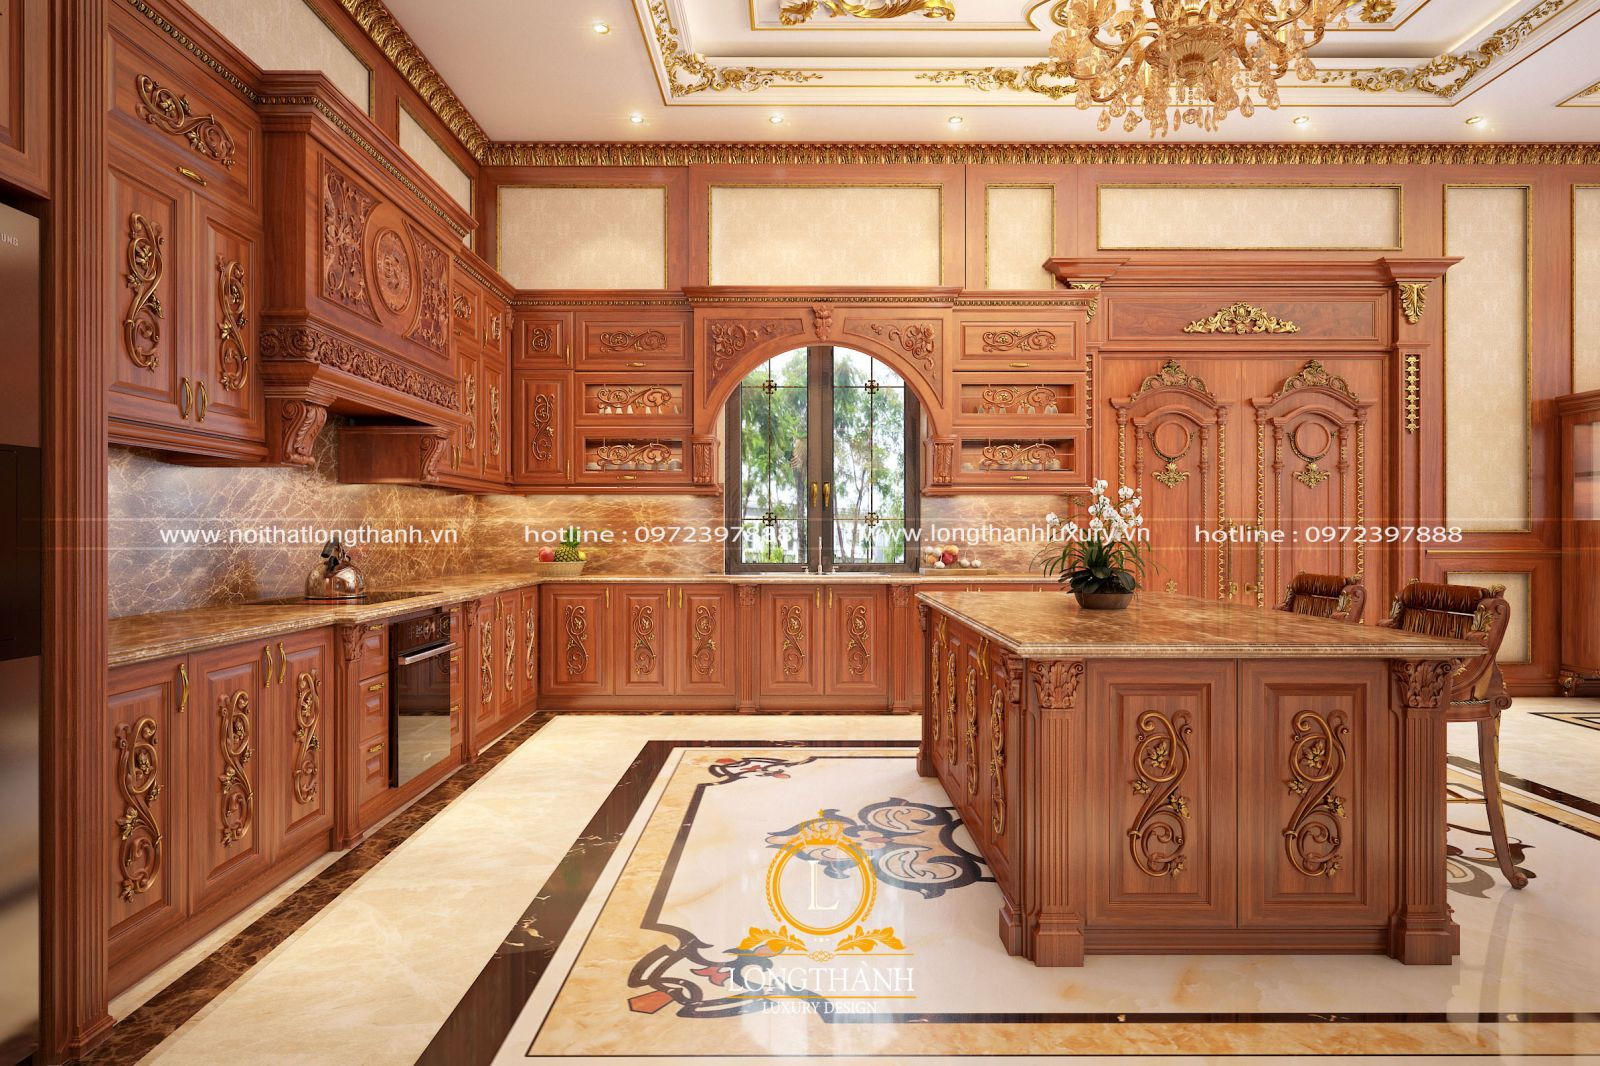 Tủ bếp được lựa chọn gam màu phù hợp mệnh gia chủ và cân đối cùng không gian chung